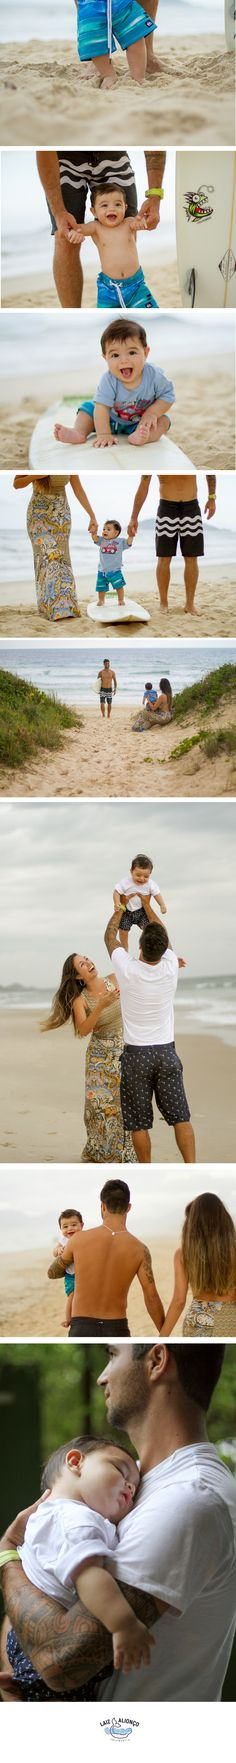 Familia, bebe, amor, love, surfista, surf , familia do surf Ensaio Fotográfico Gestante e família em Florianópolis e região. Muito amor envolvido em cada retrato. Famílias maravilhosas! Por Laiz Fotografia